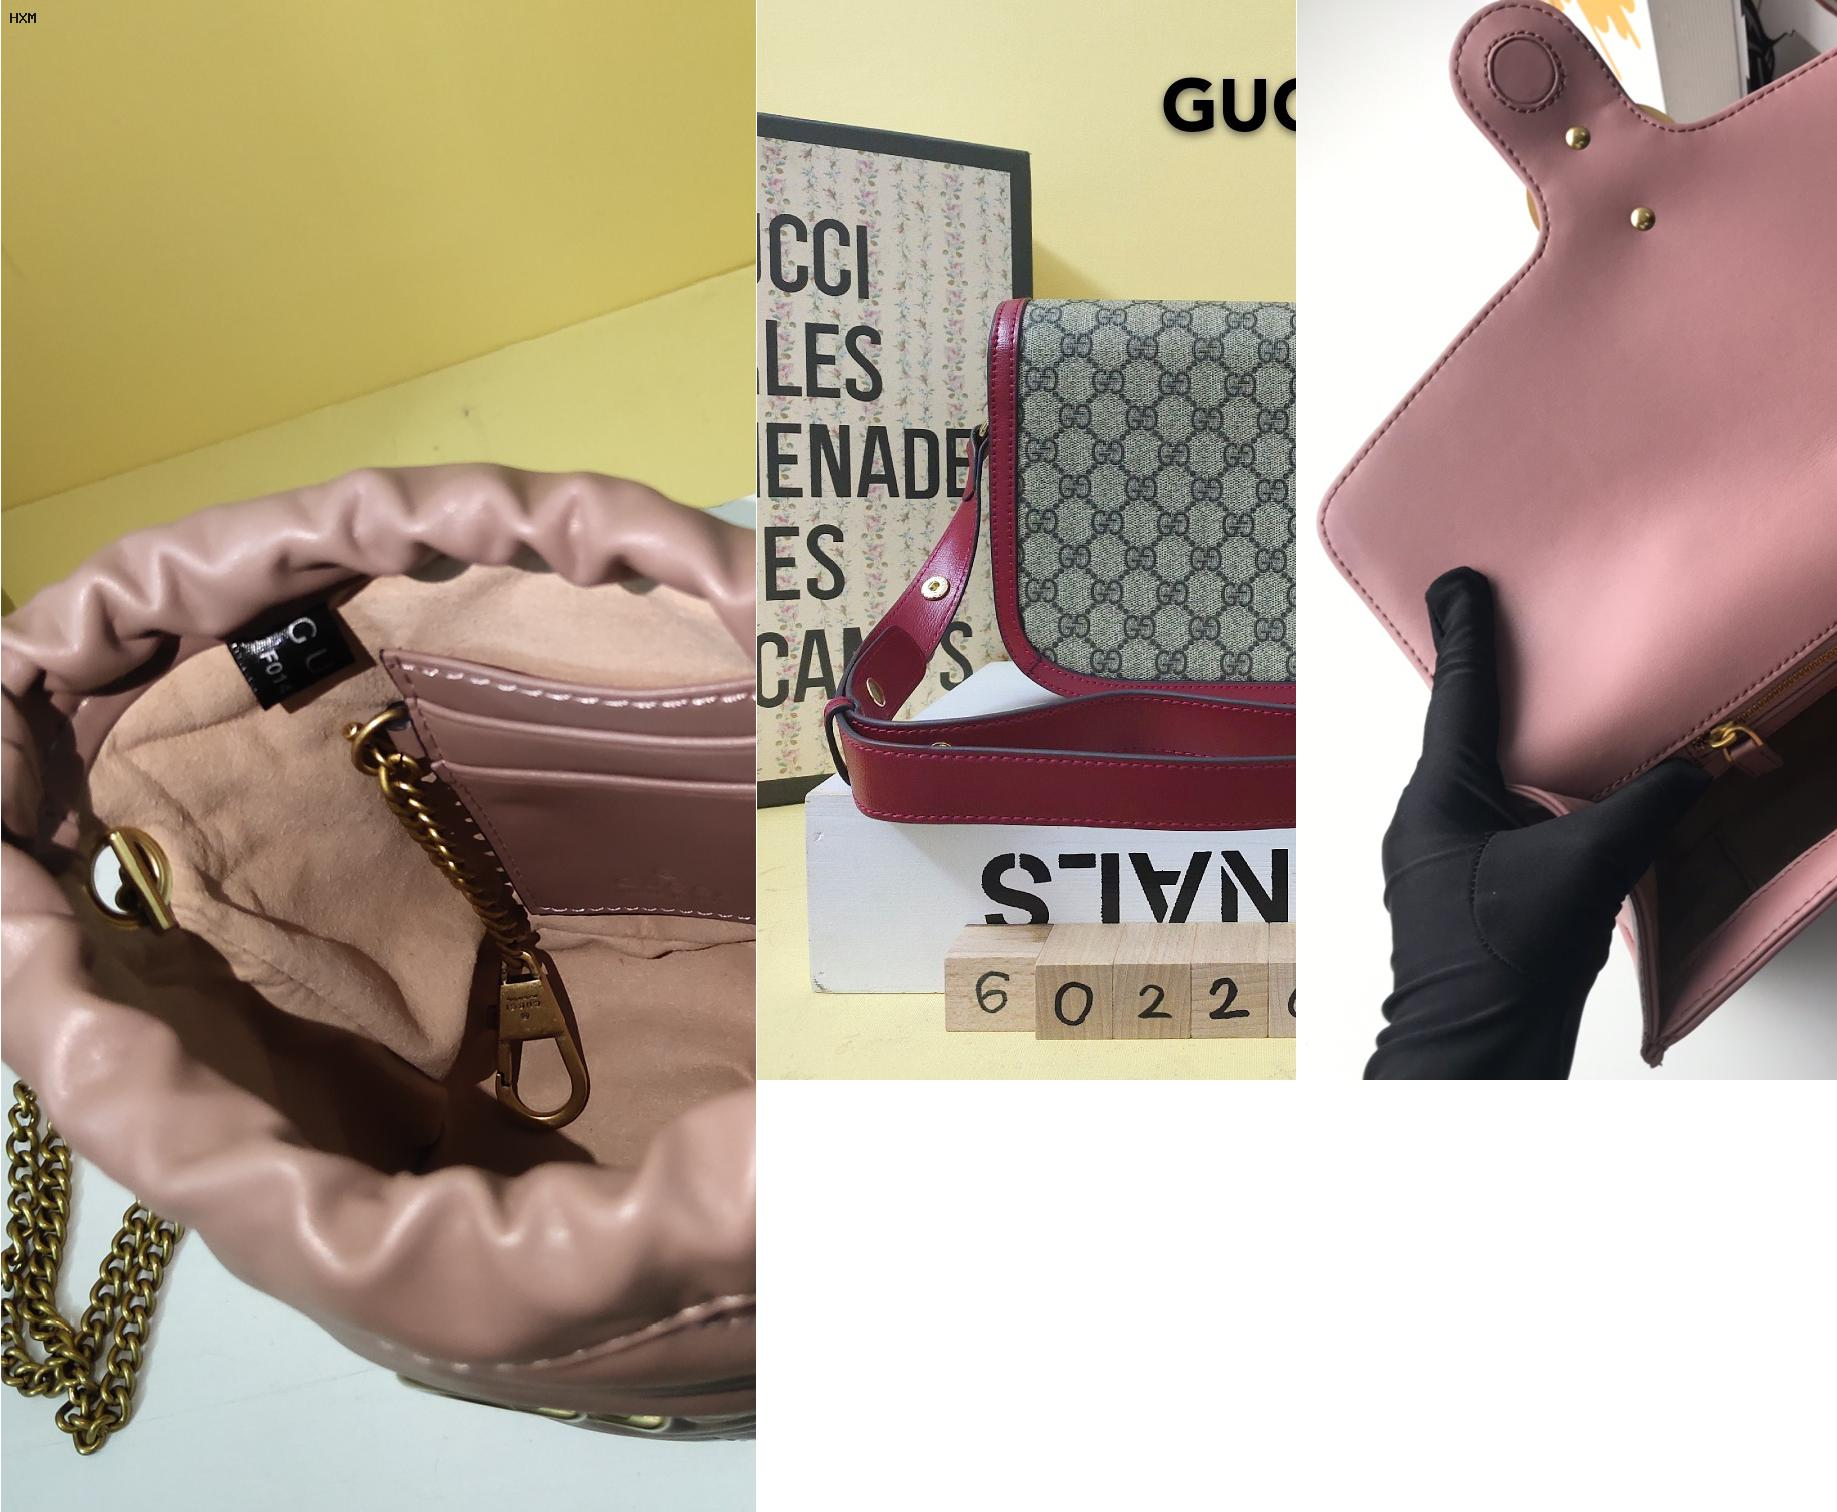 mini bag gucci price